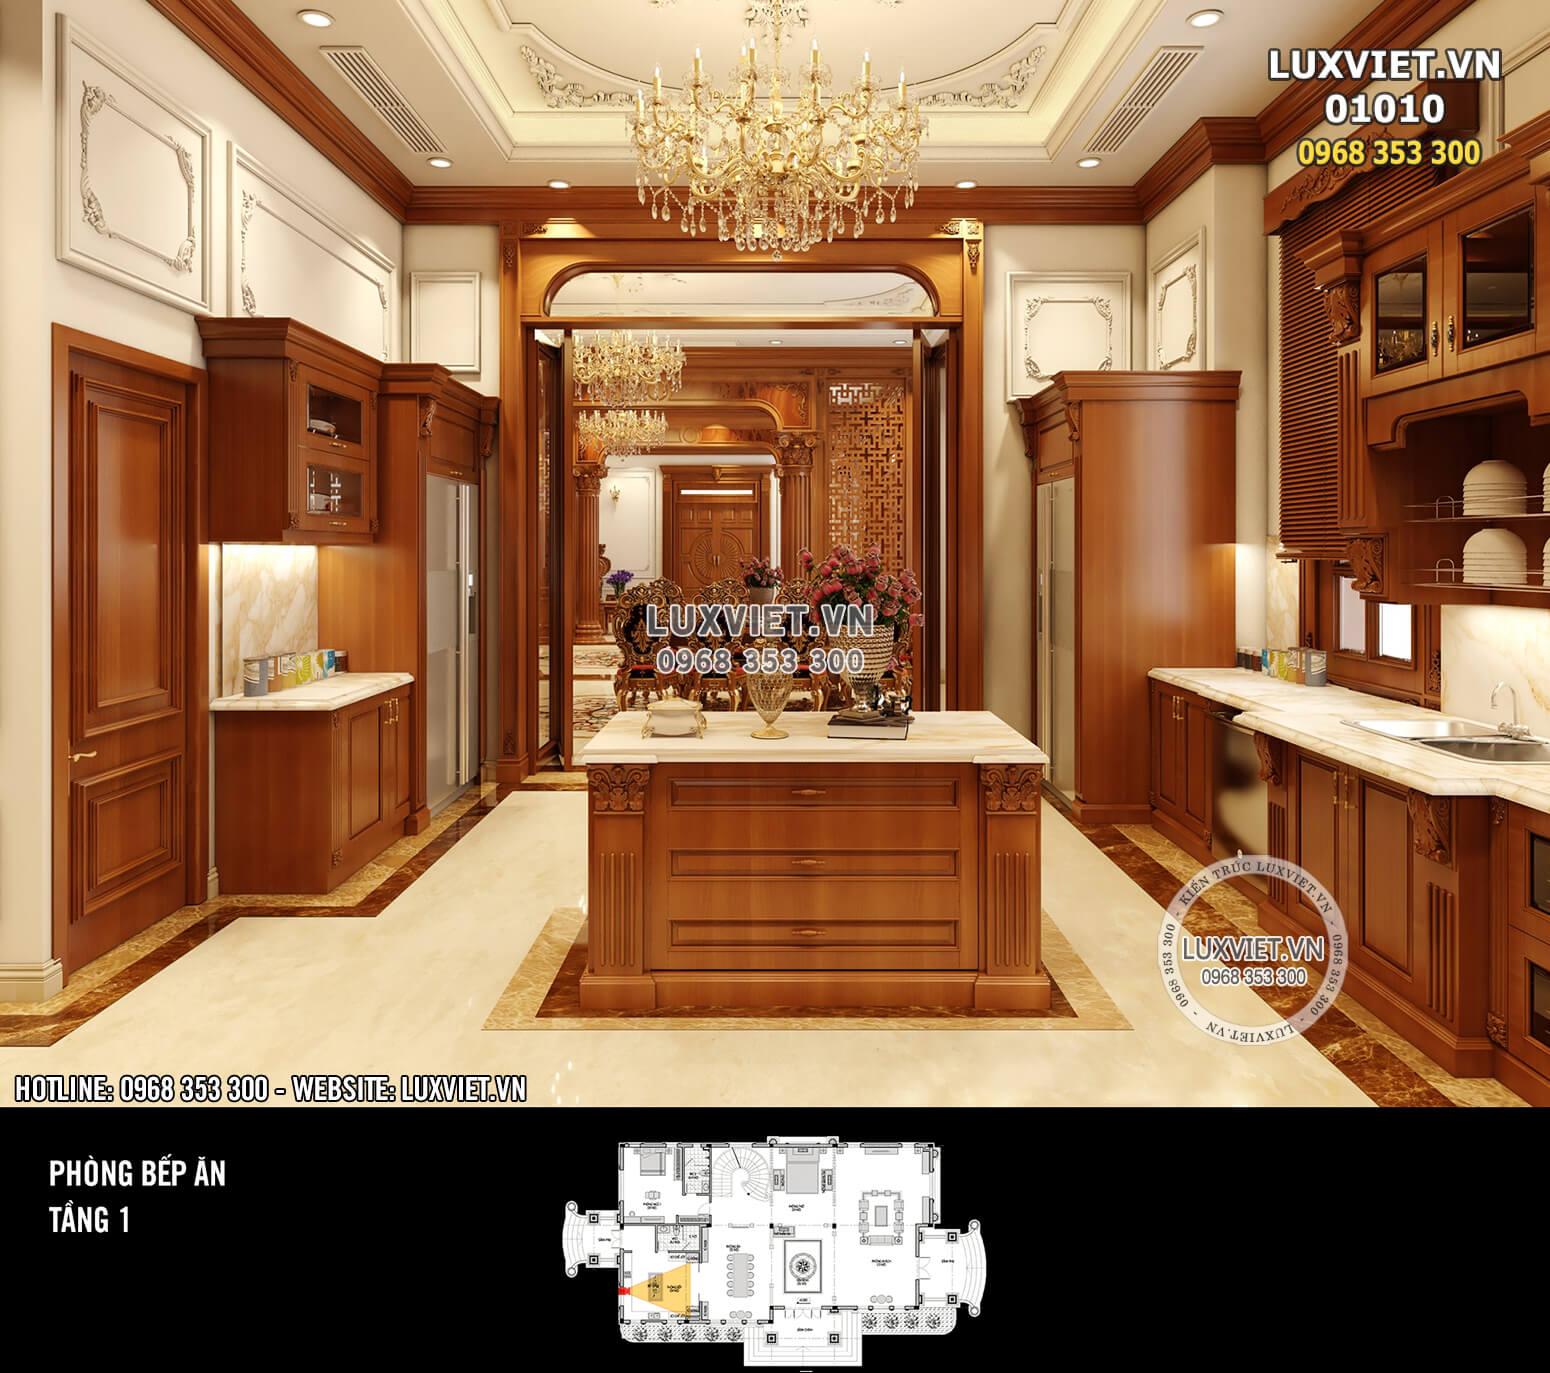 Hình ảnh: Phòng bếp ăn màu nâu gỗ đặc trưng và sang trọng - LV 01010